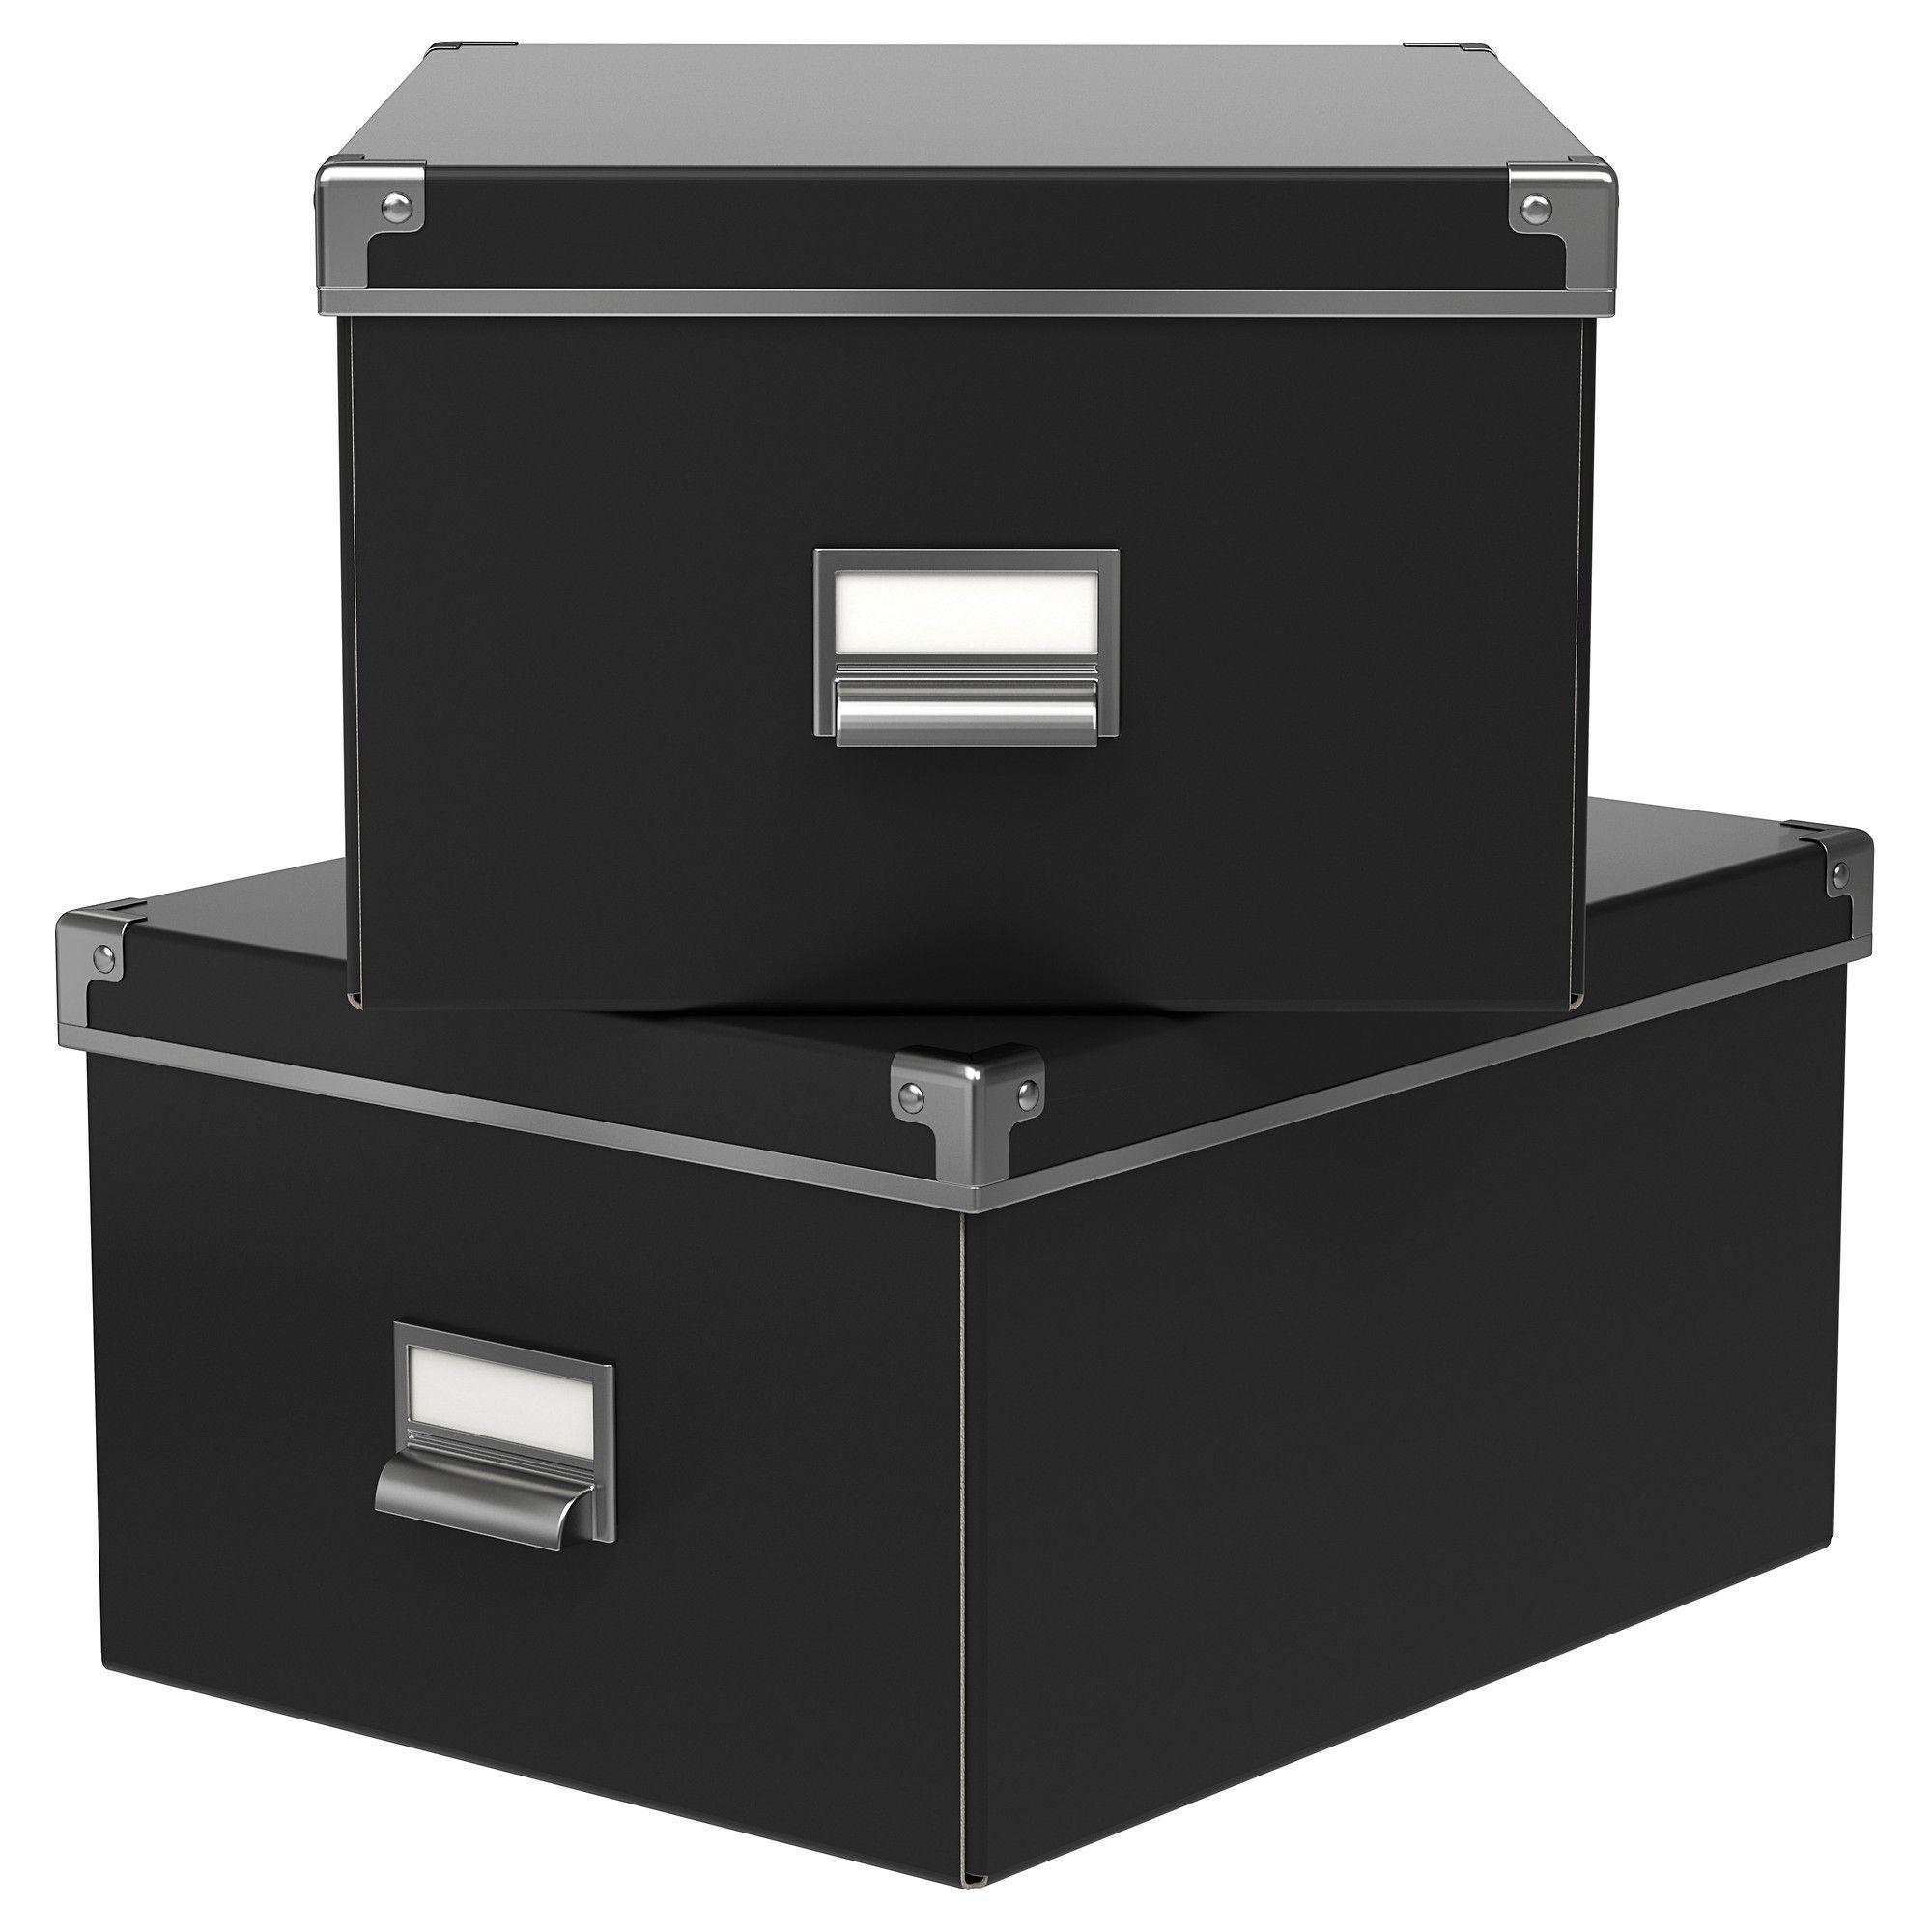 Kassett Box With Lid  Black, 10 X13 X7